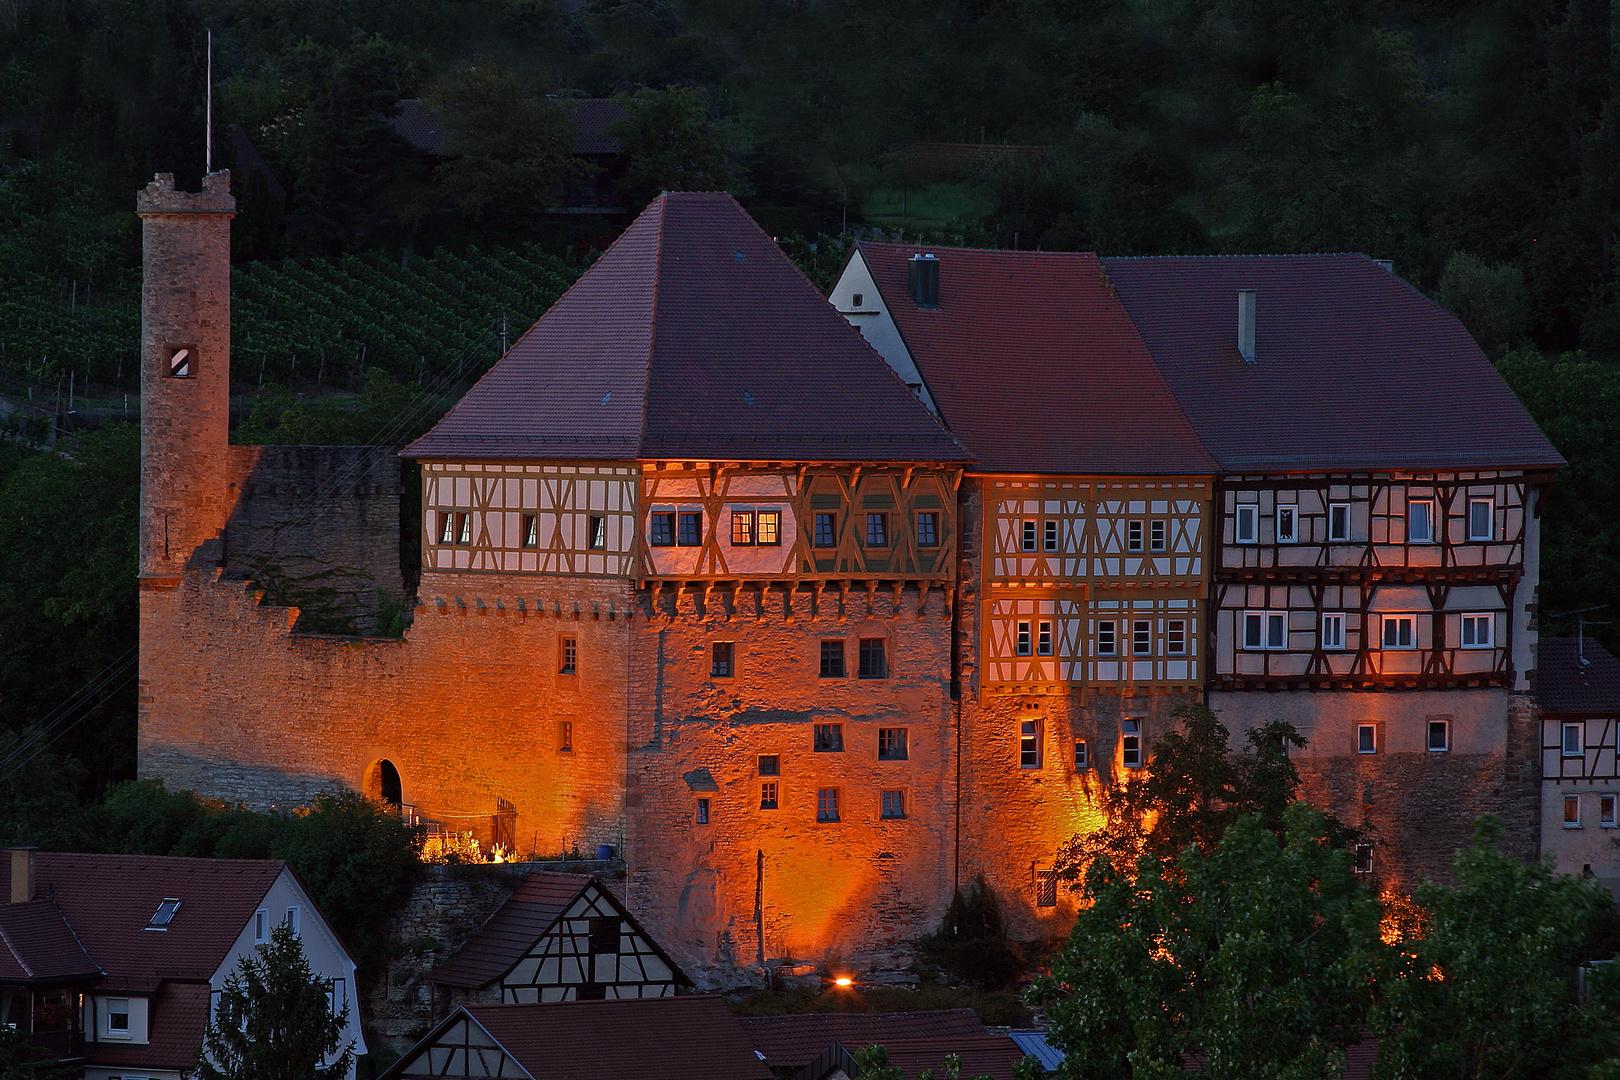 Oberes Schloss in Talheim